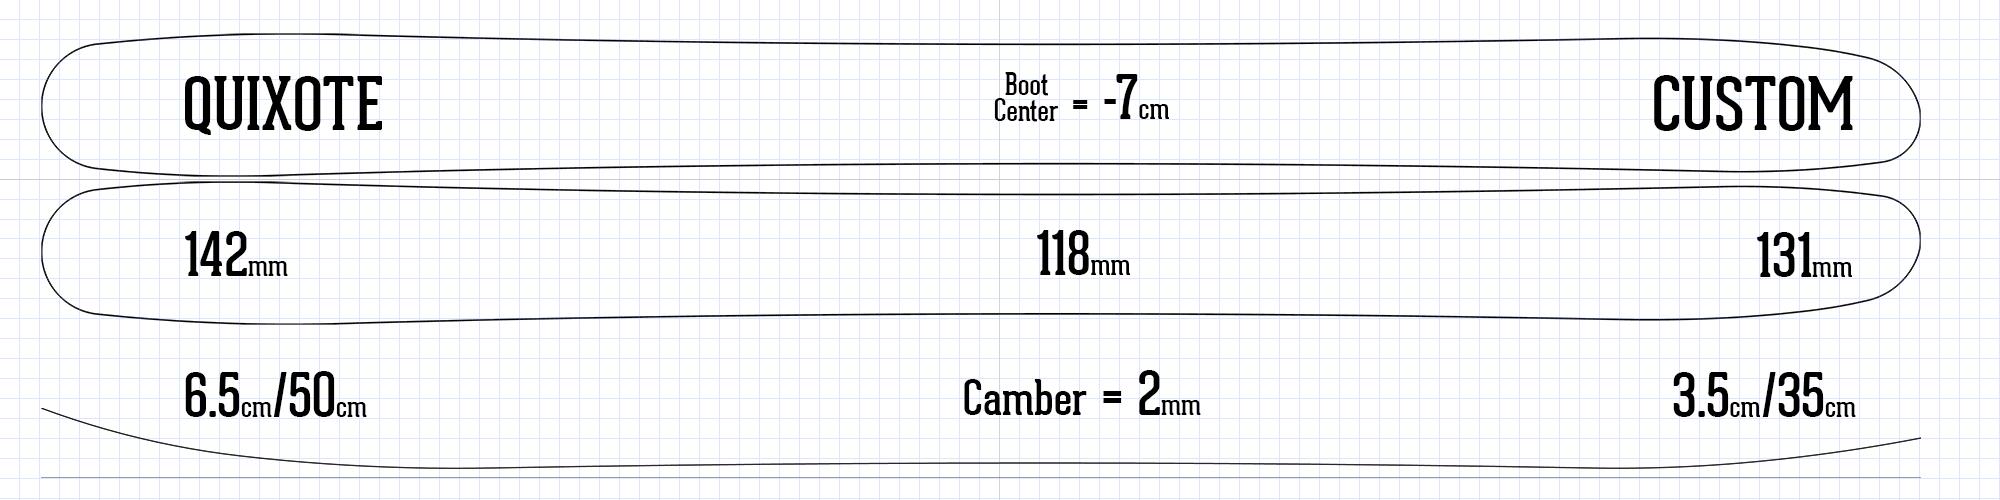 Quixote ski information camber rocker profile specs